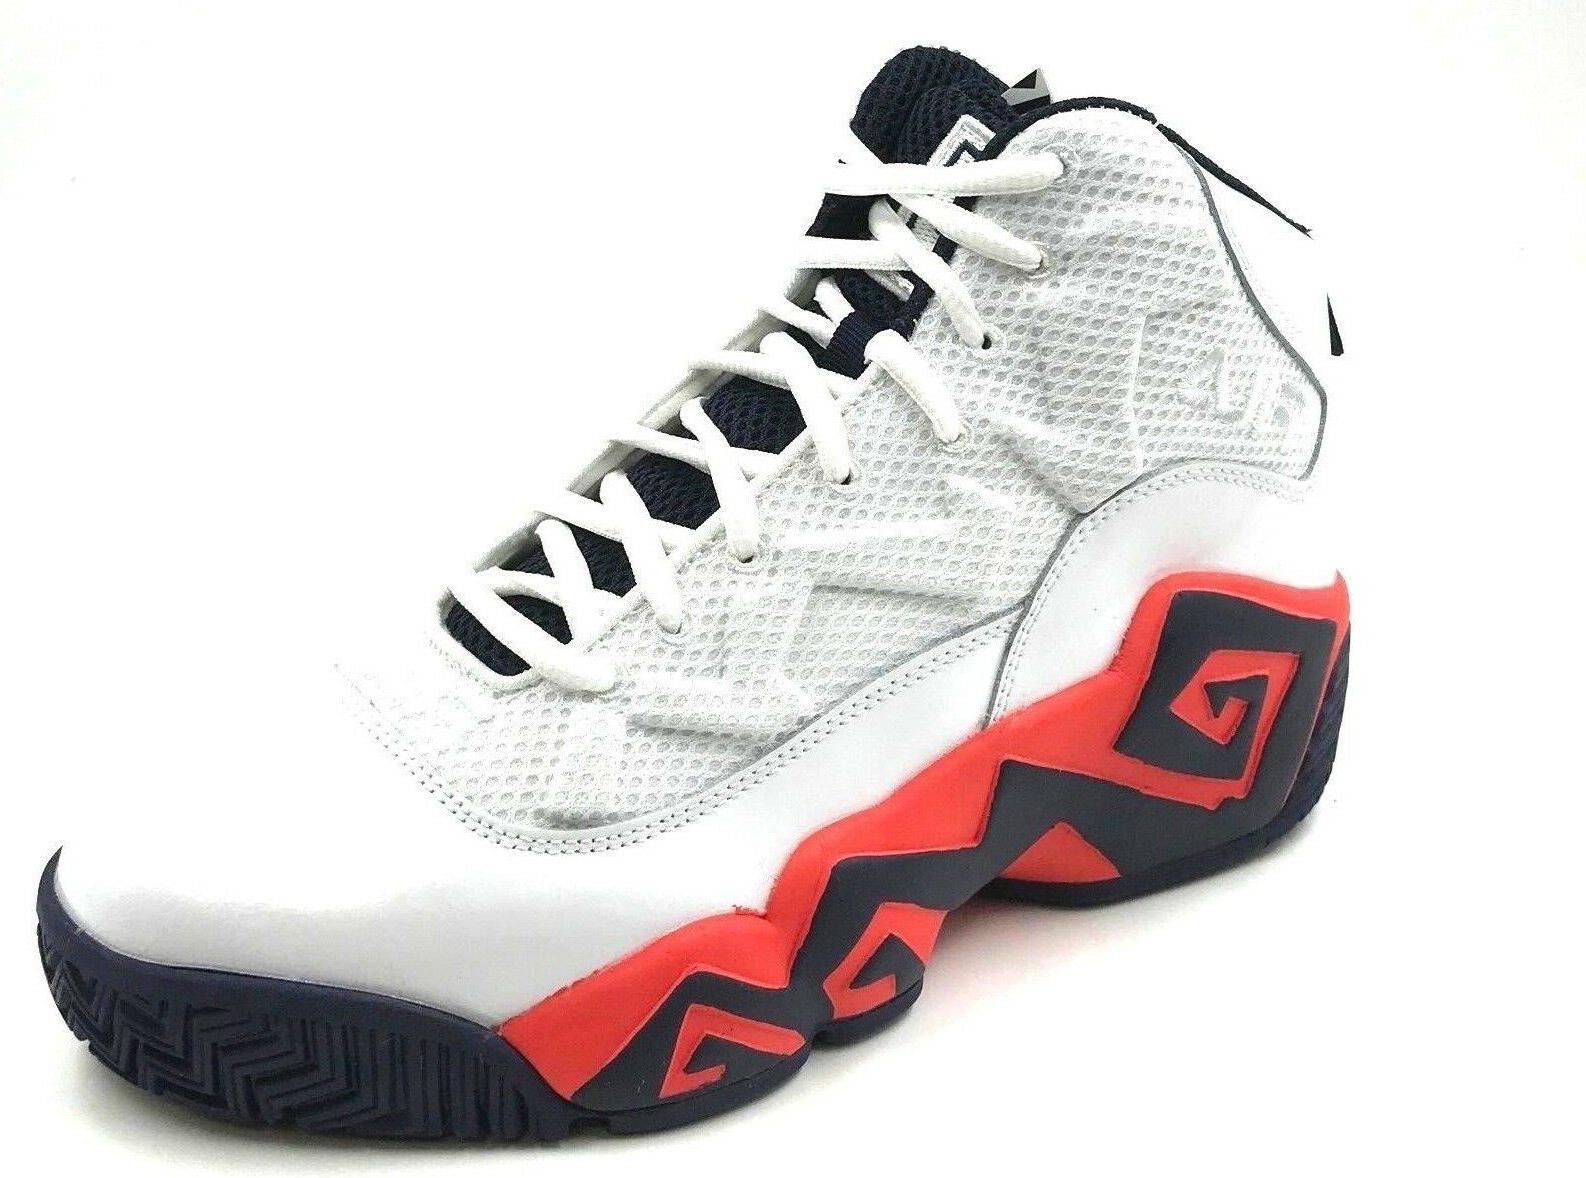 FILA Men's MB Sneaker Wht/Ctom/Fnvy